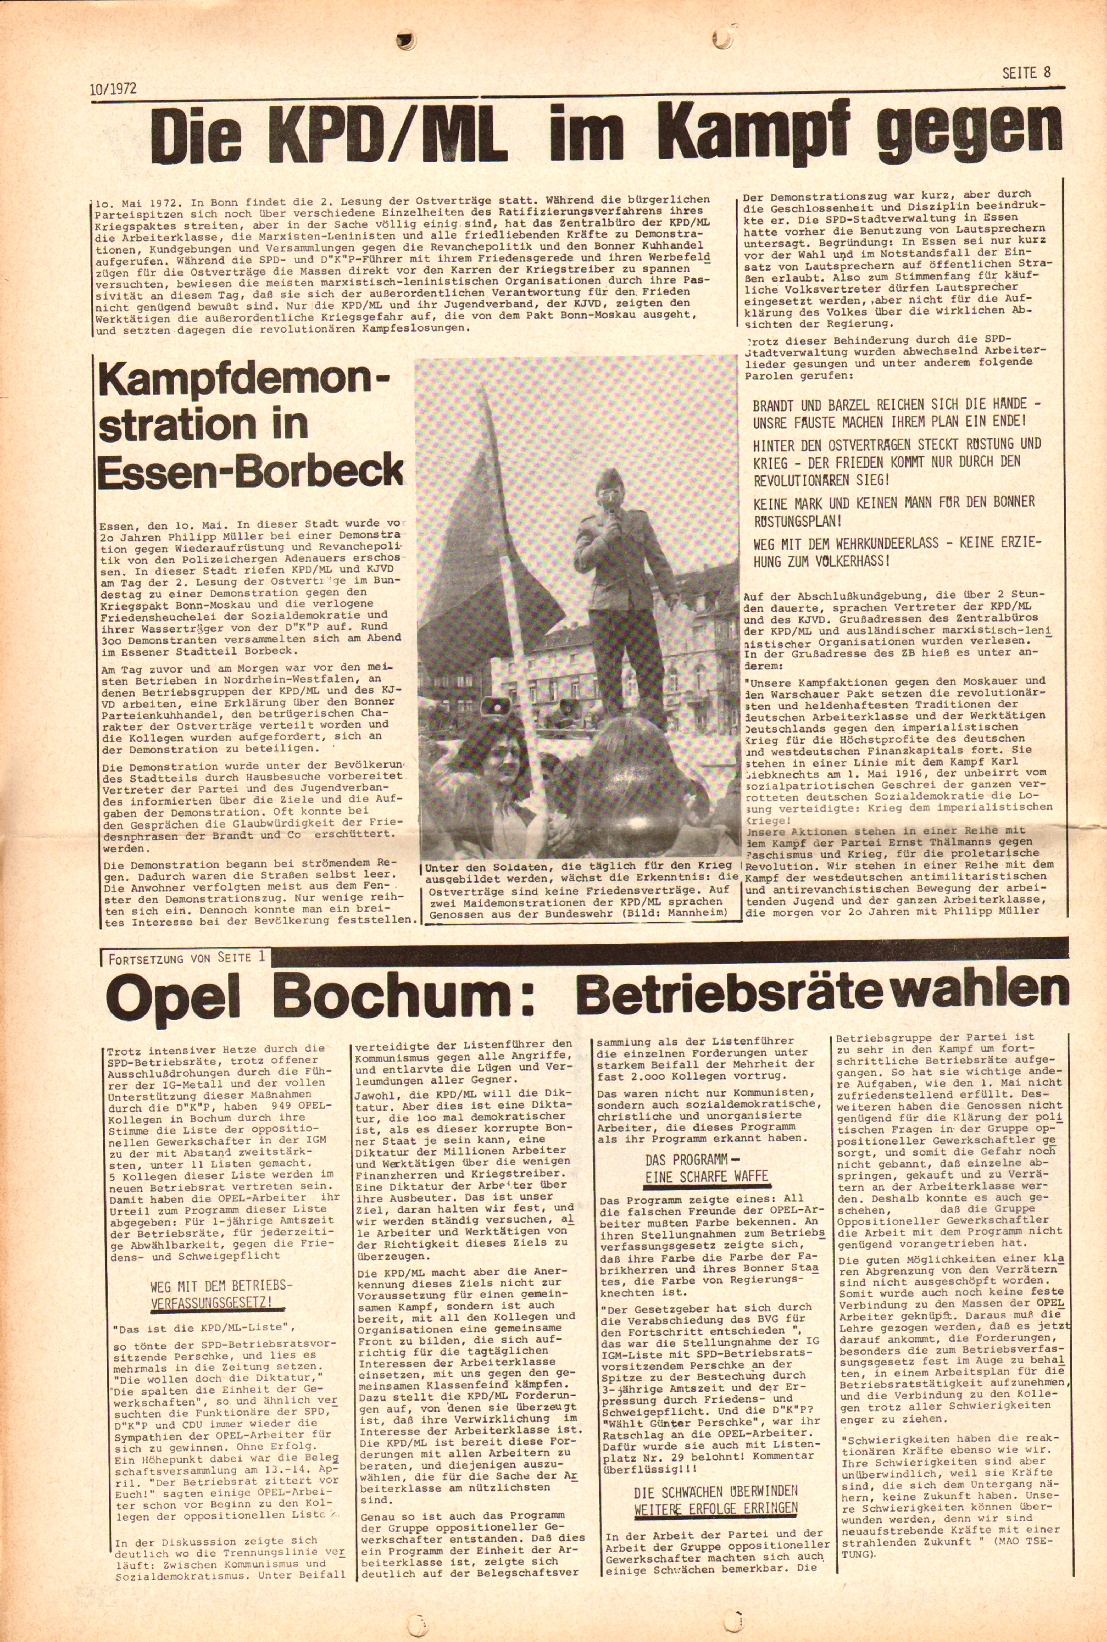 Rote Fahne, 3. Jg., 15.5.1972, Nr. 10, Seite 8